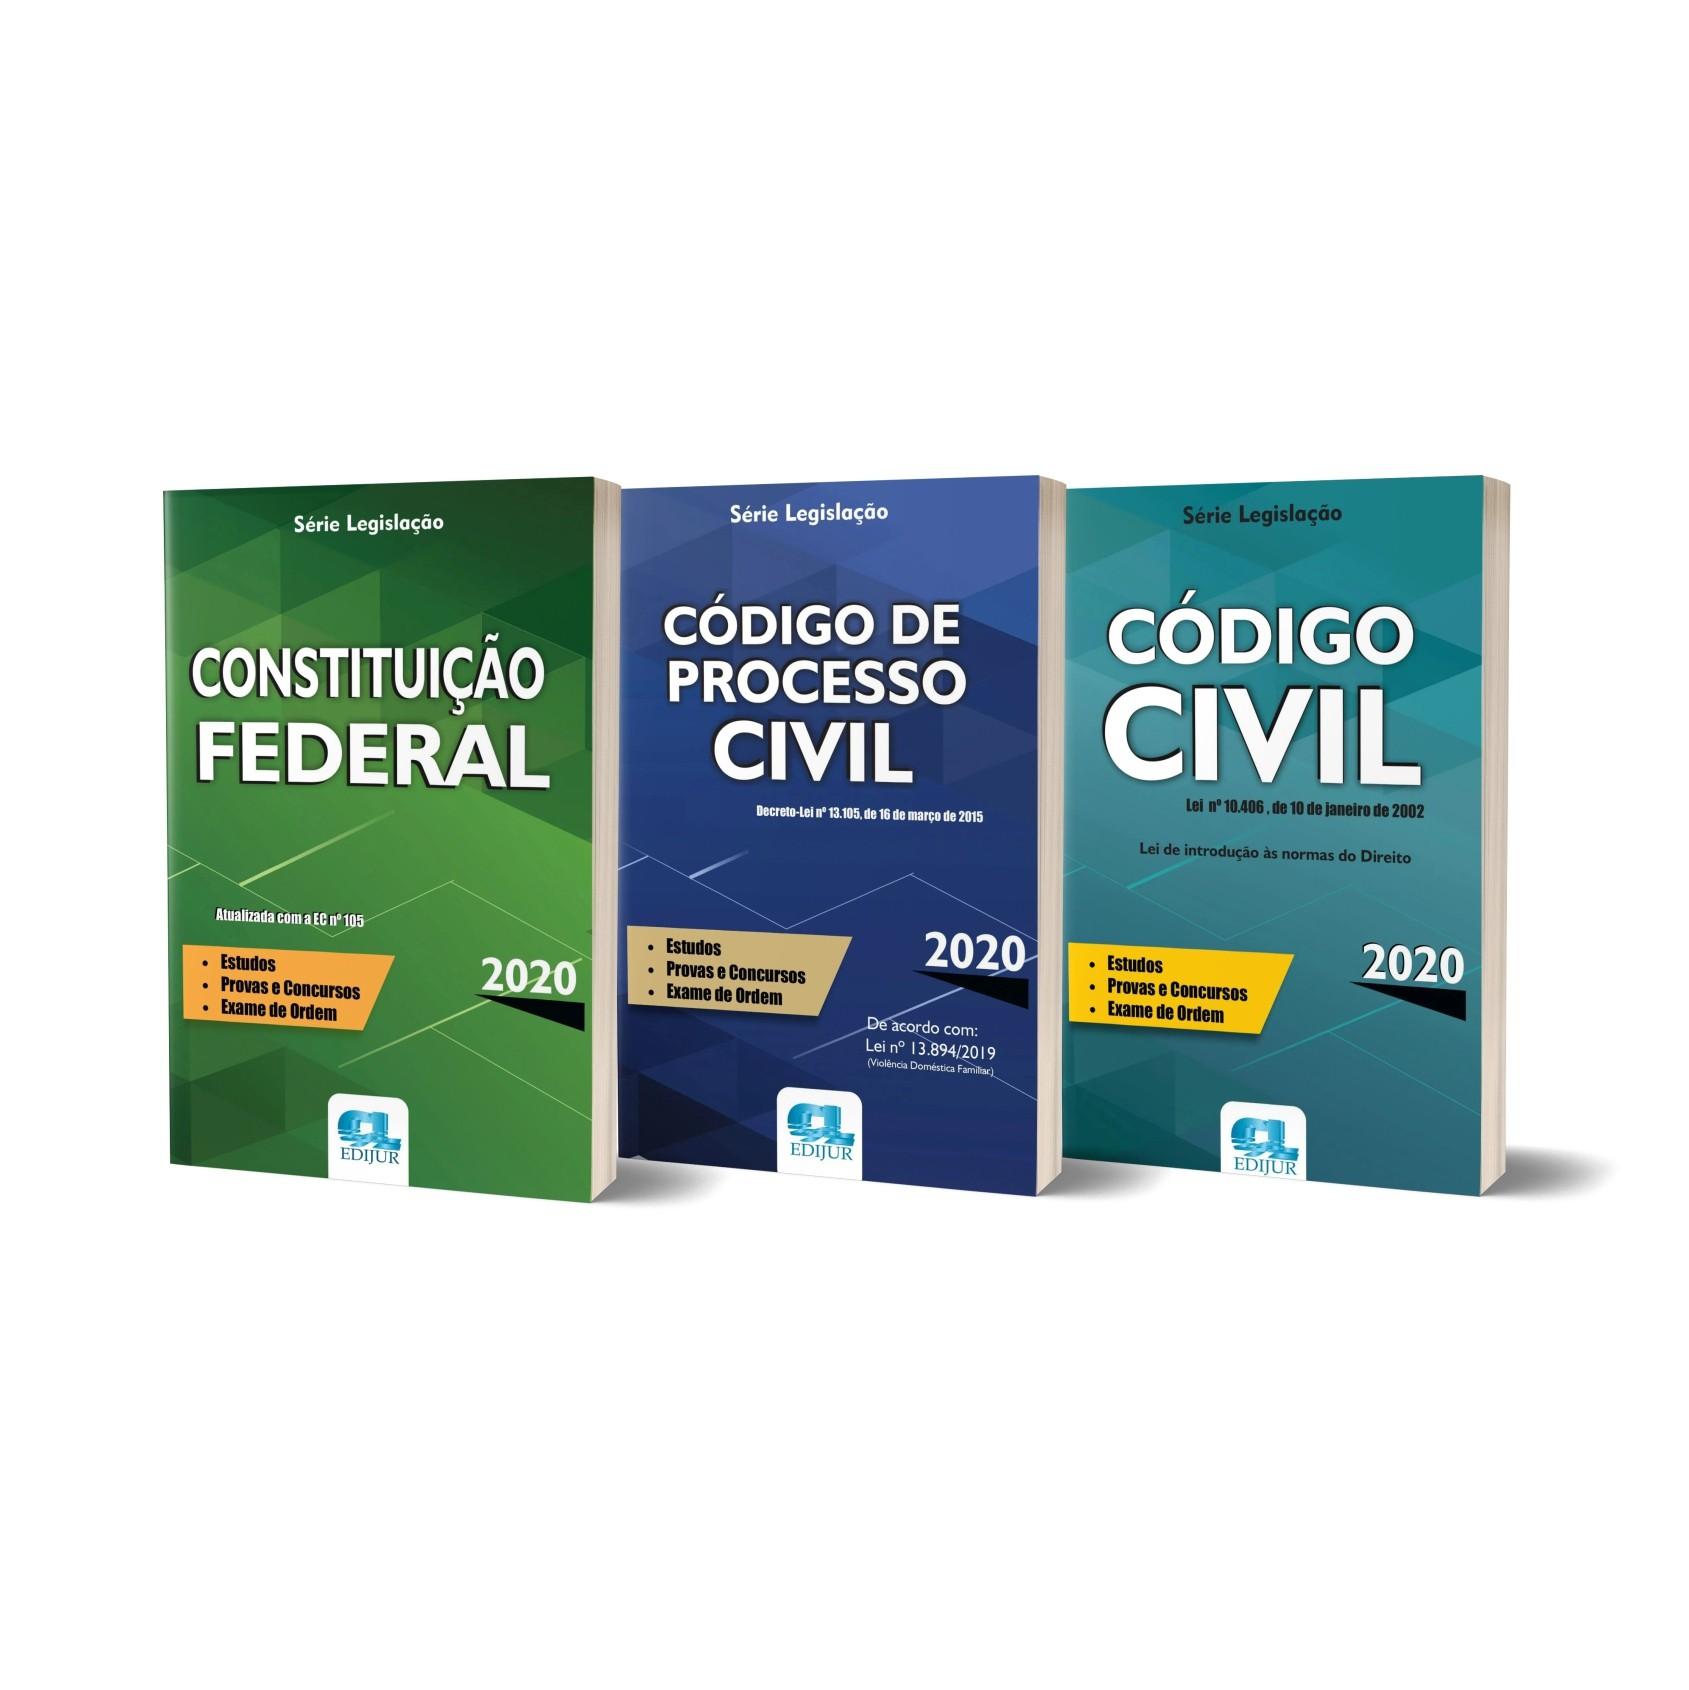 Combo Série Legislação 2020 - Código de Processo Civil / Código Civil / Constituição Federal  - Edijur Editora